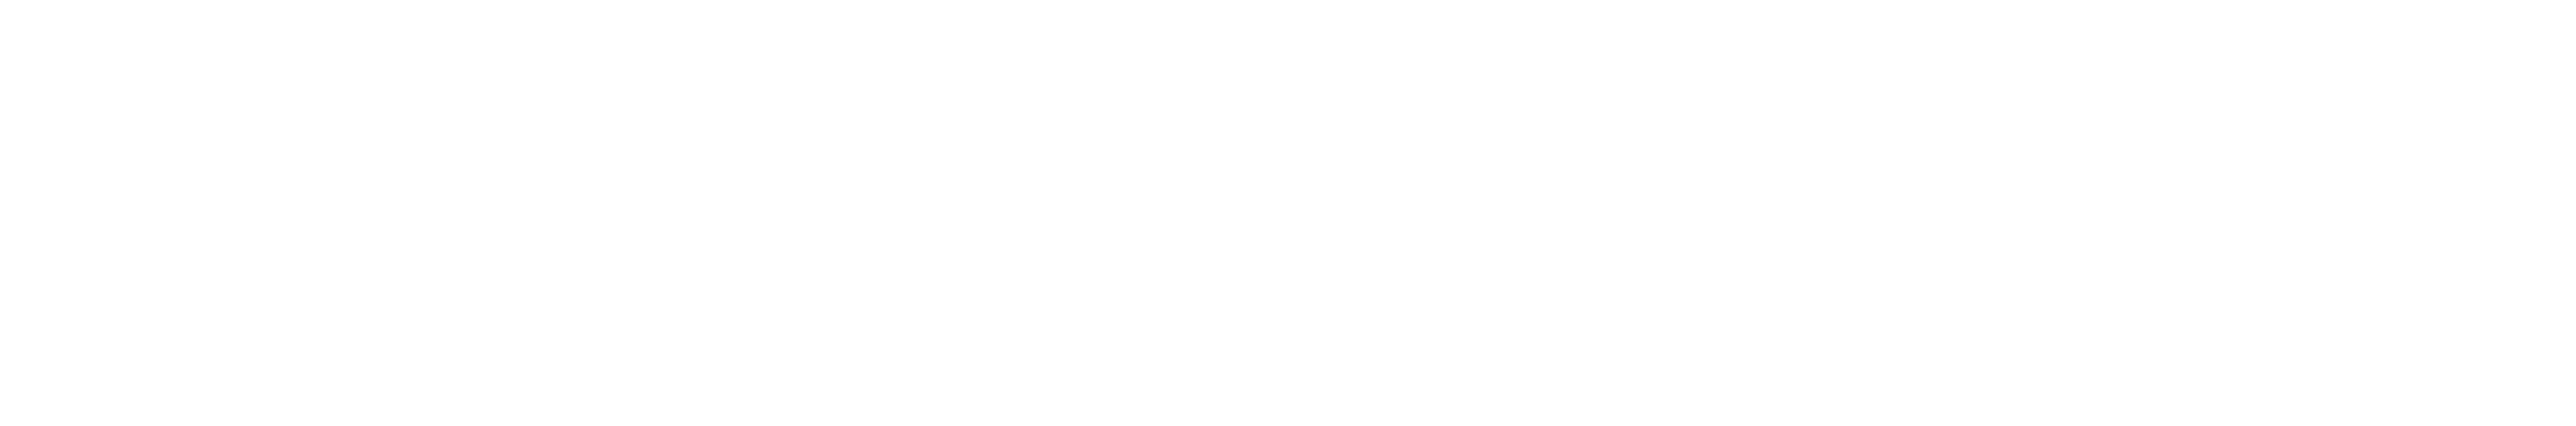 piwiki-pro-logo.jpg